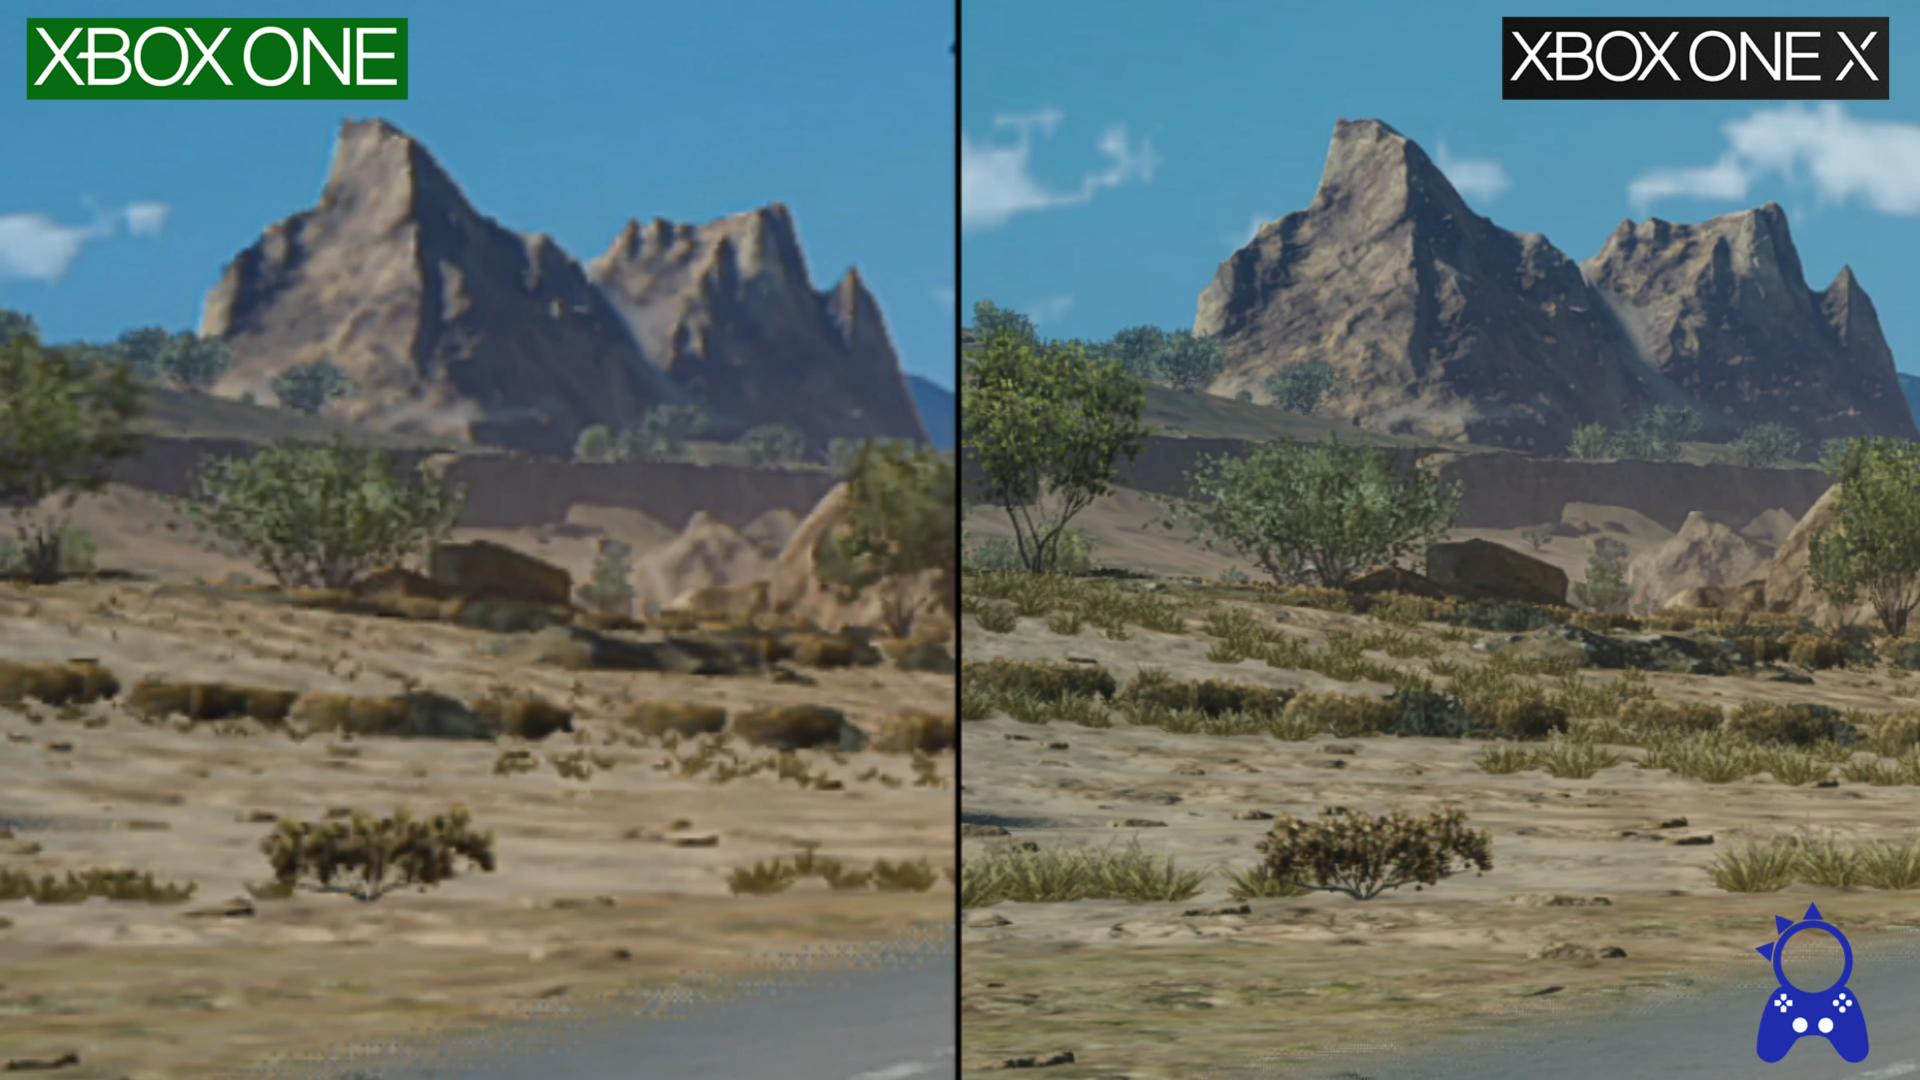 Final Fantasy XV no Xbox One X traz melhorias gritantes em relação ao Xone